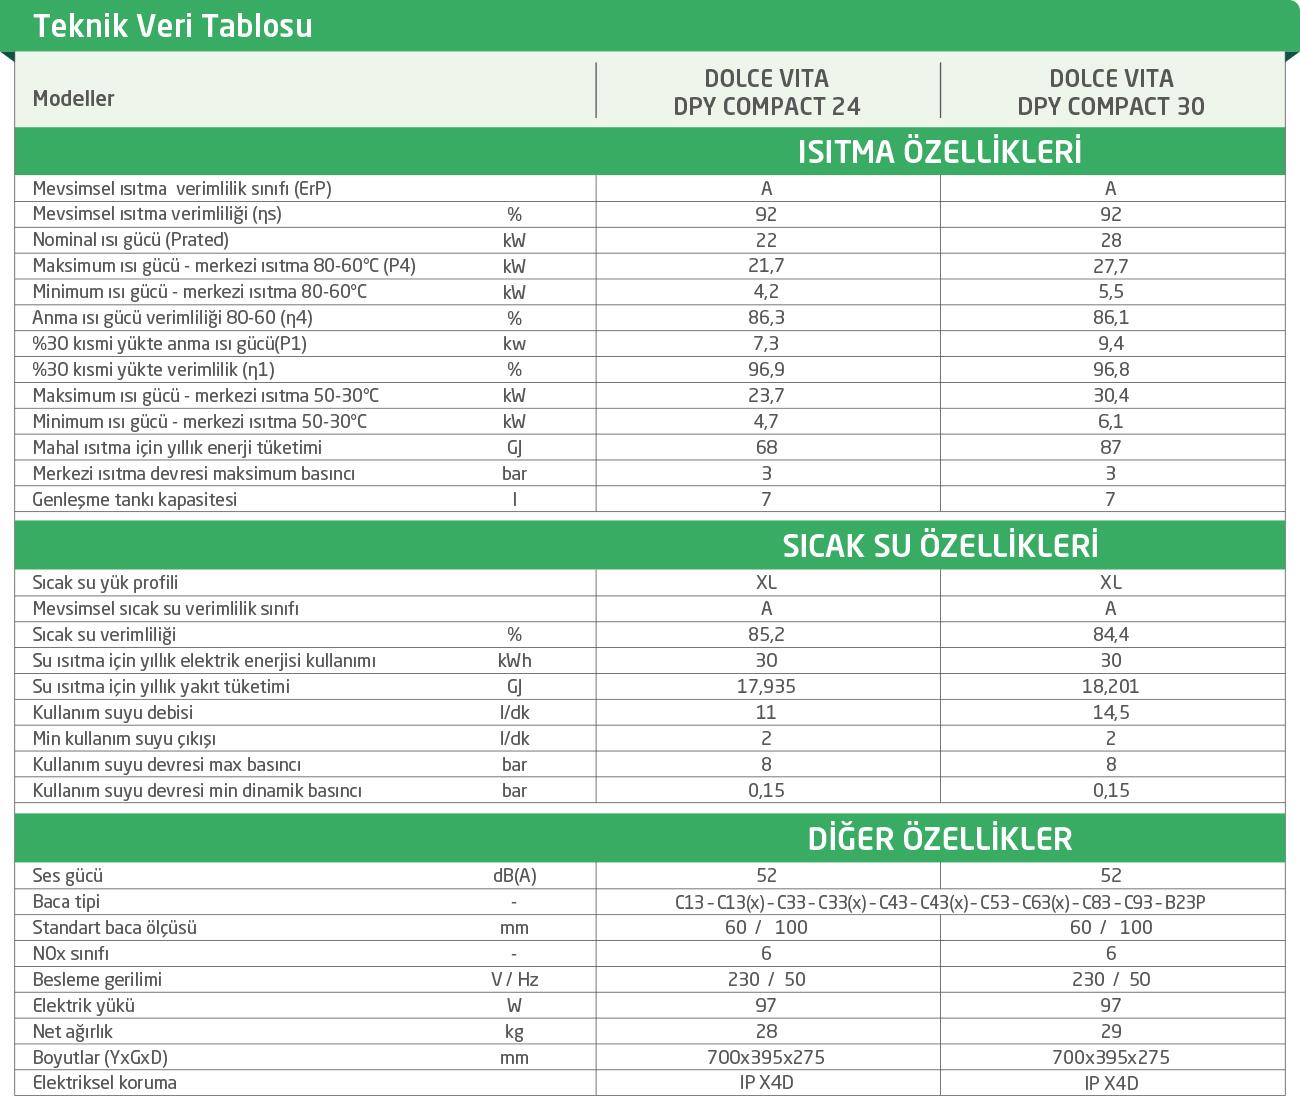 DOLCE VITA DPY COMPACT TAM YOĞUŞMALI KOMBİ TEKNİK ÖZELLİKLERİ